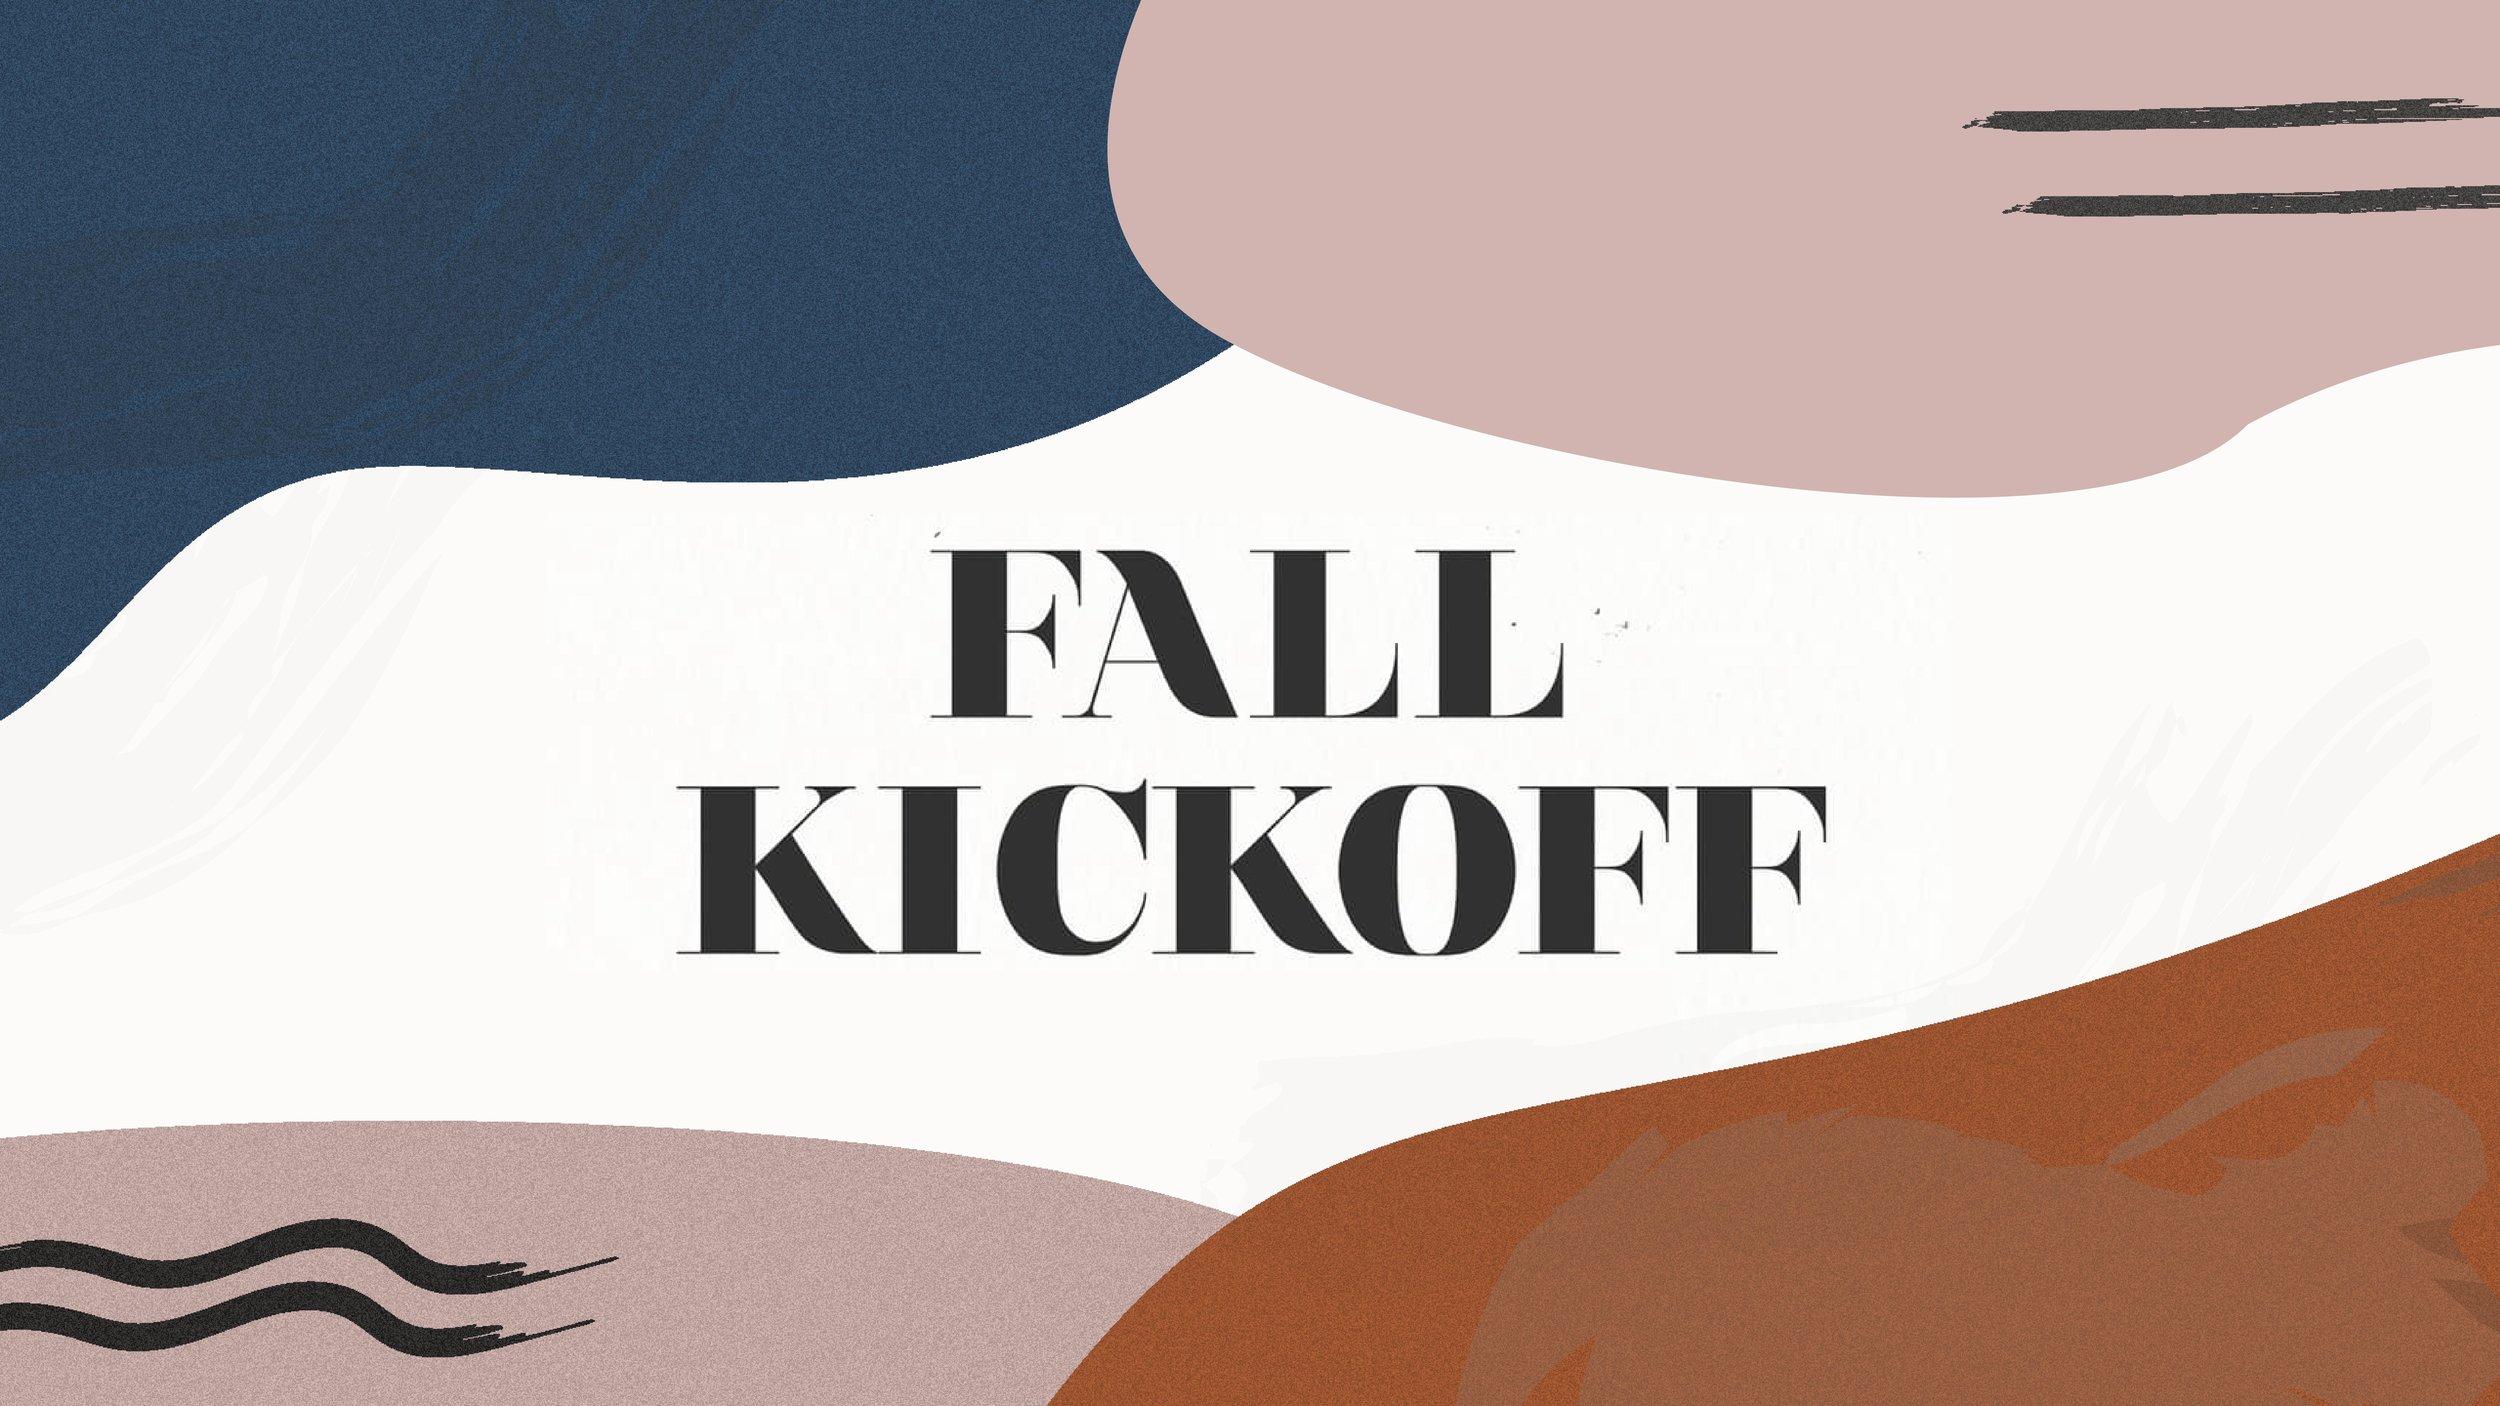 fall kickoff-01.jpg